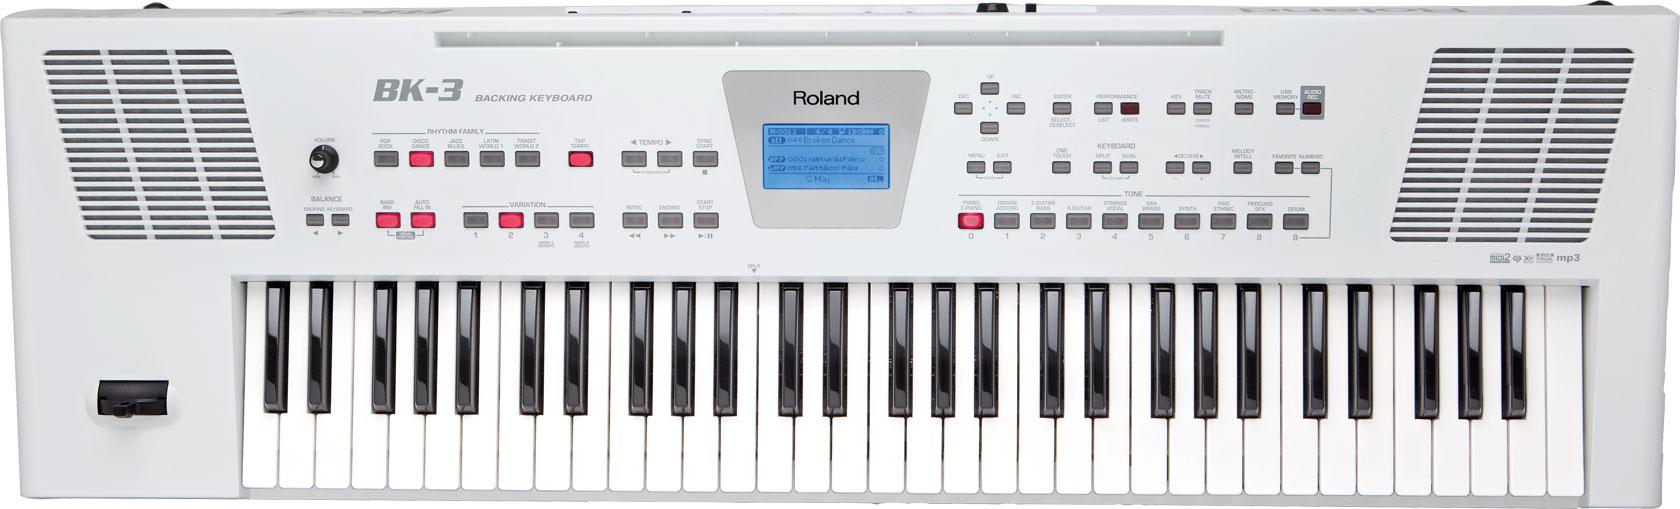 Синтезатор Roland BK-3: фото